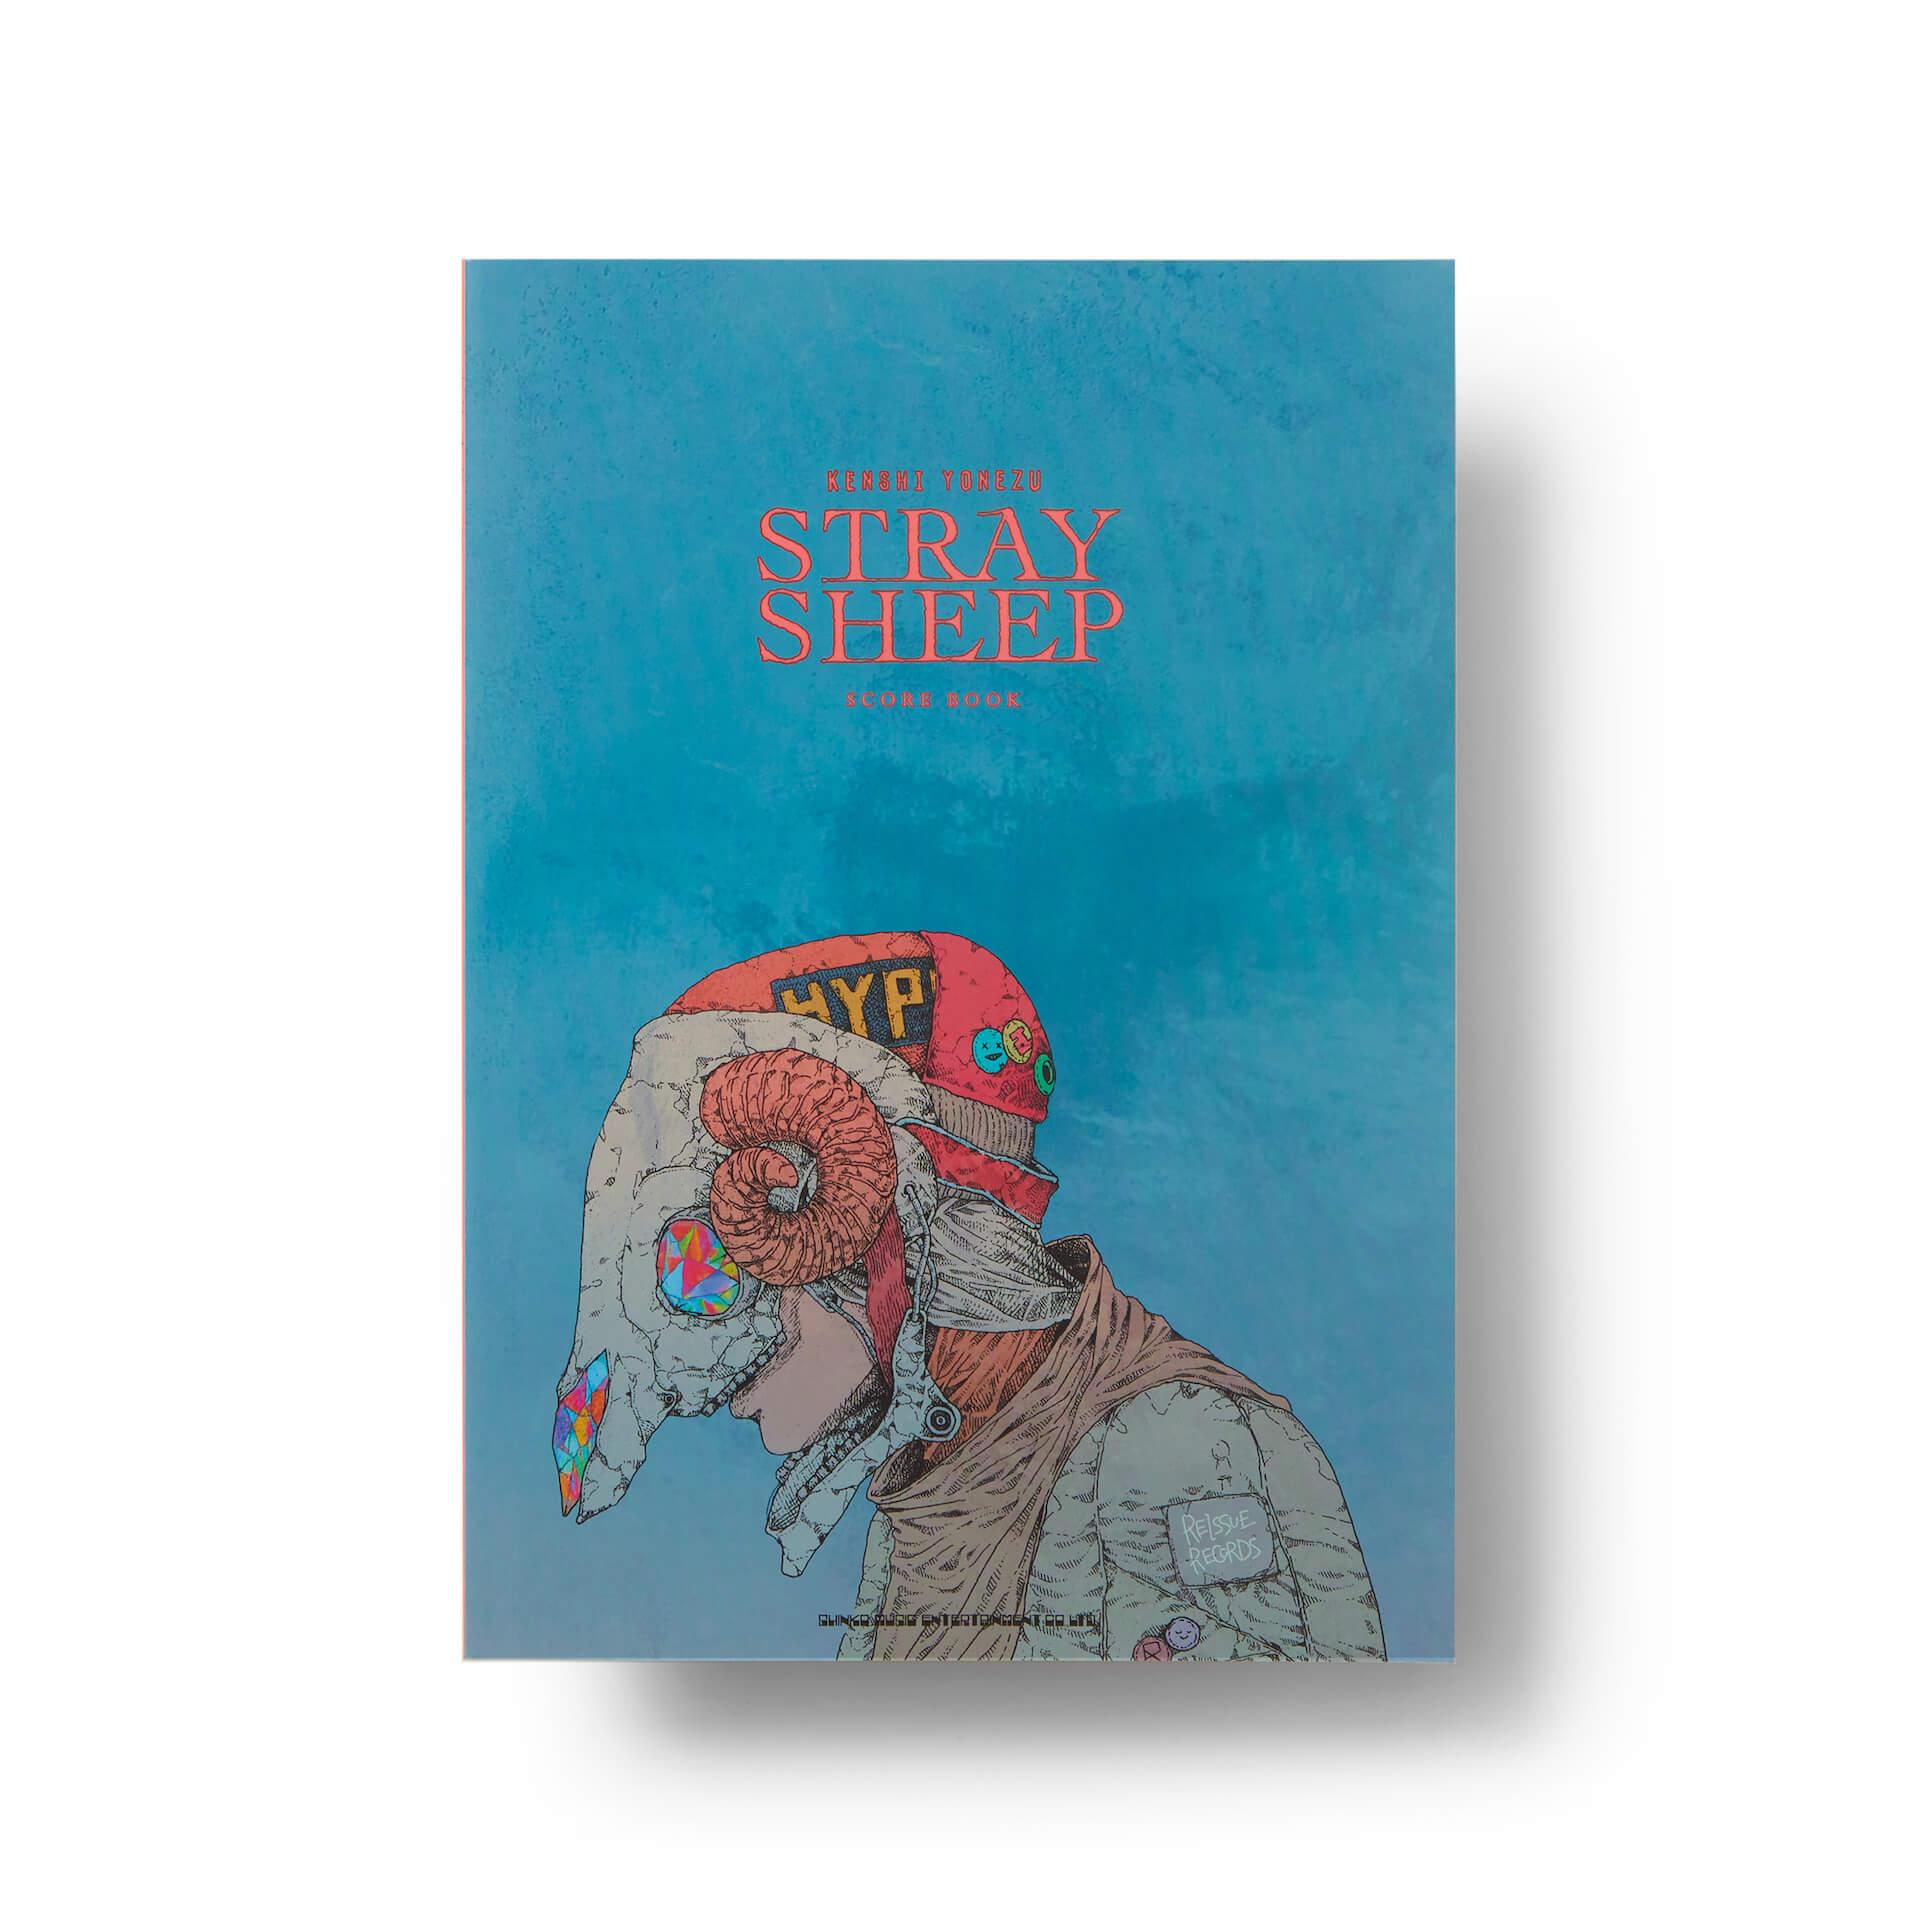 米津玄師『STRAY SHEEP』のスコアブック5冊が発売決定!「米津玄師COLLECTION」となるピアノスコアも music210709_yonezukenshi_scorebook_4